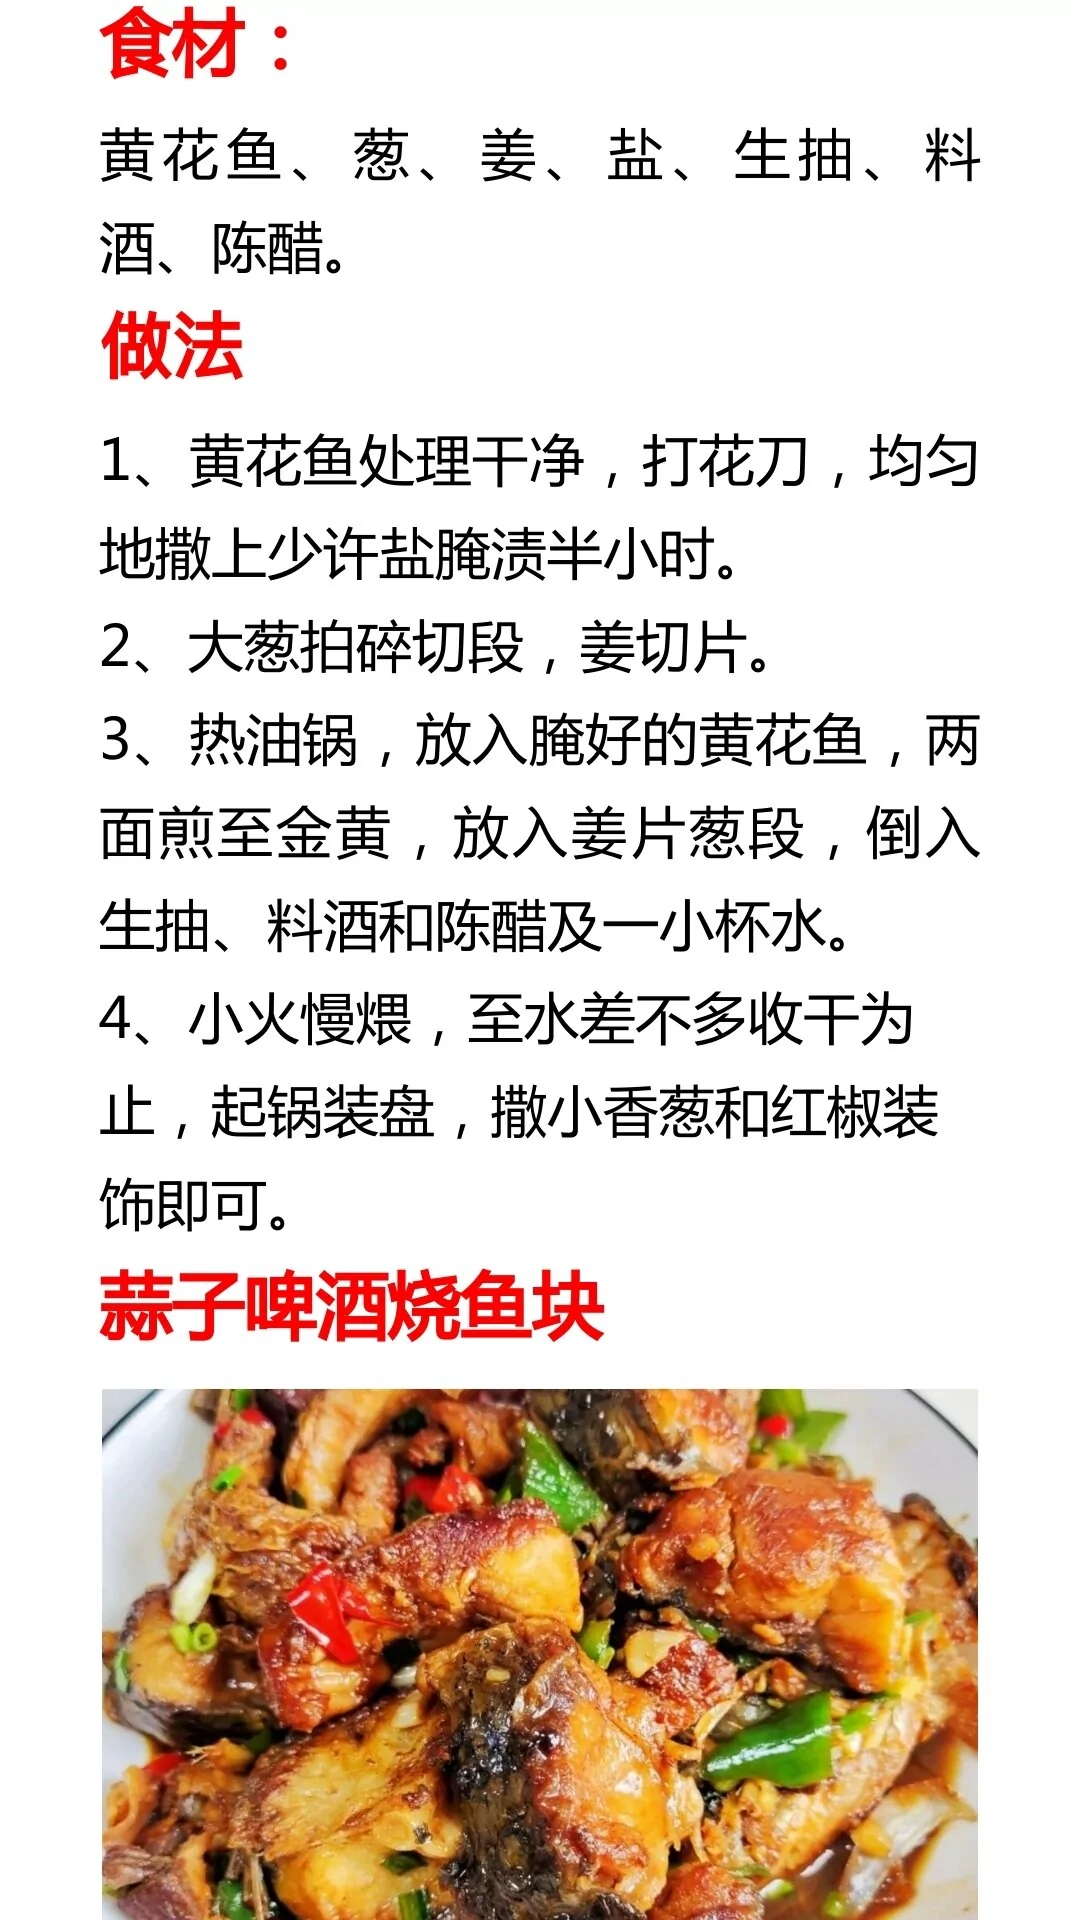 鱼的做法及配料 美食做法 第12张